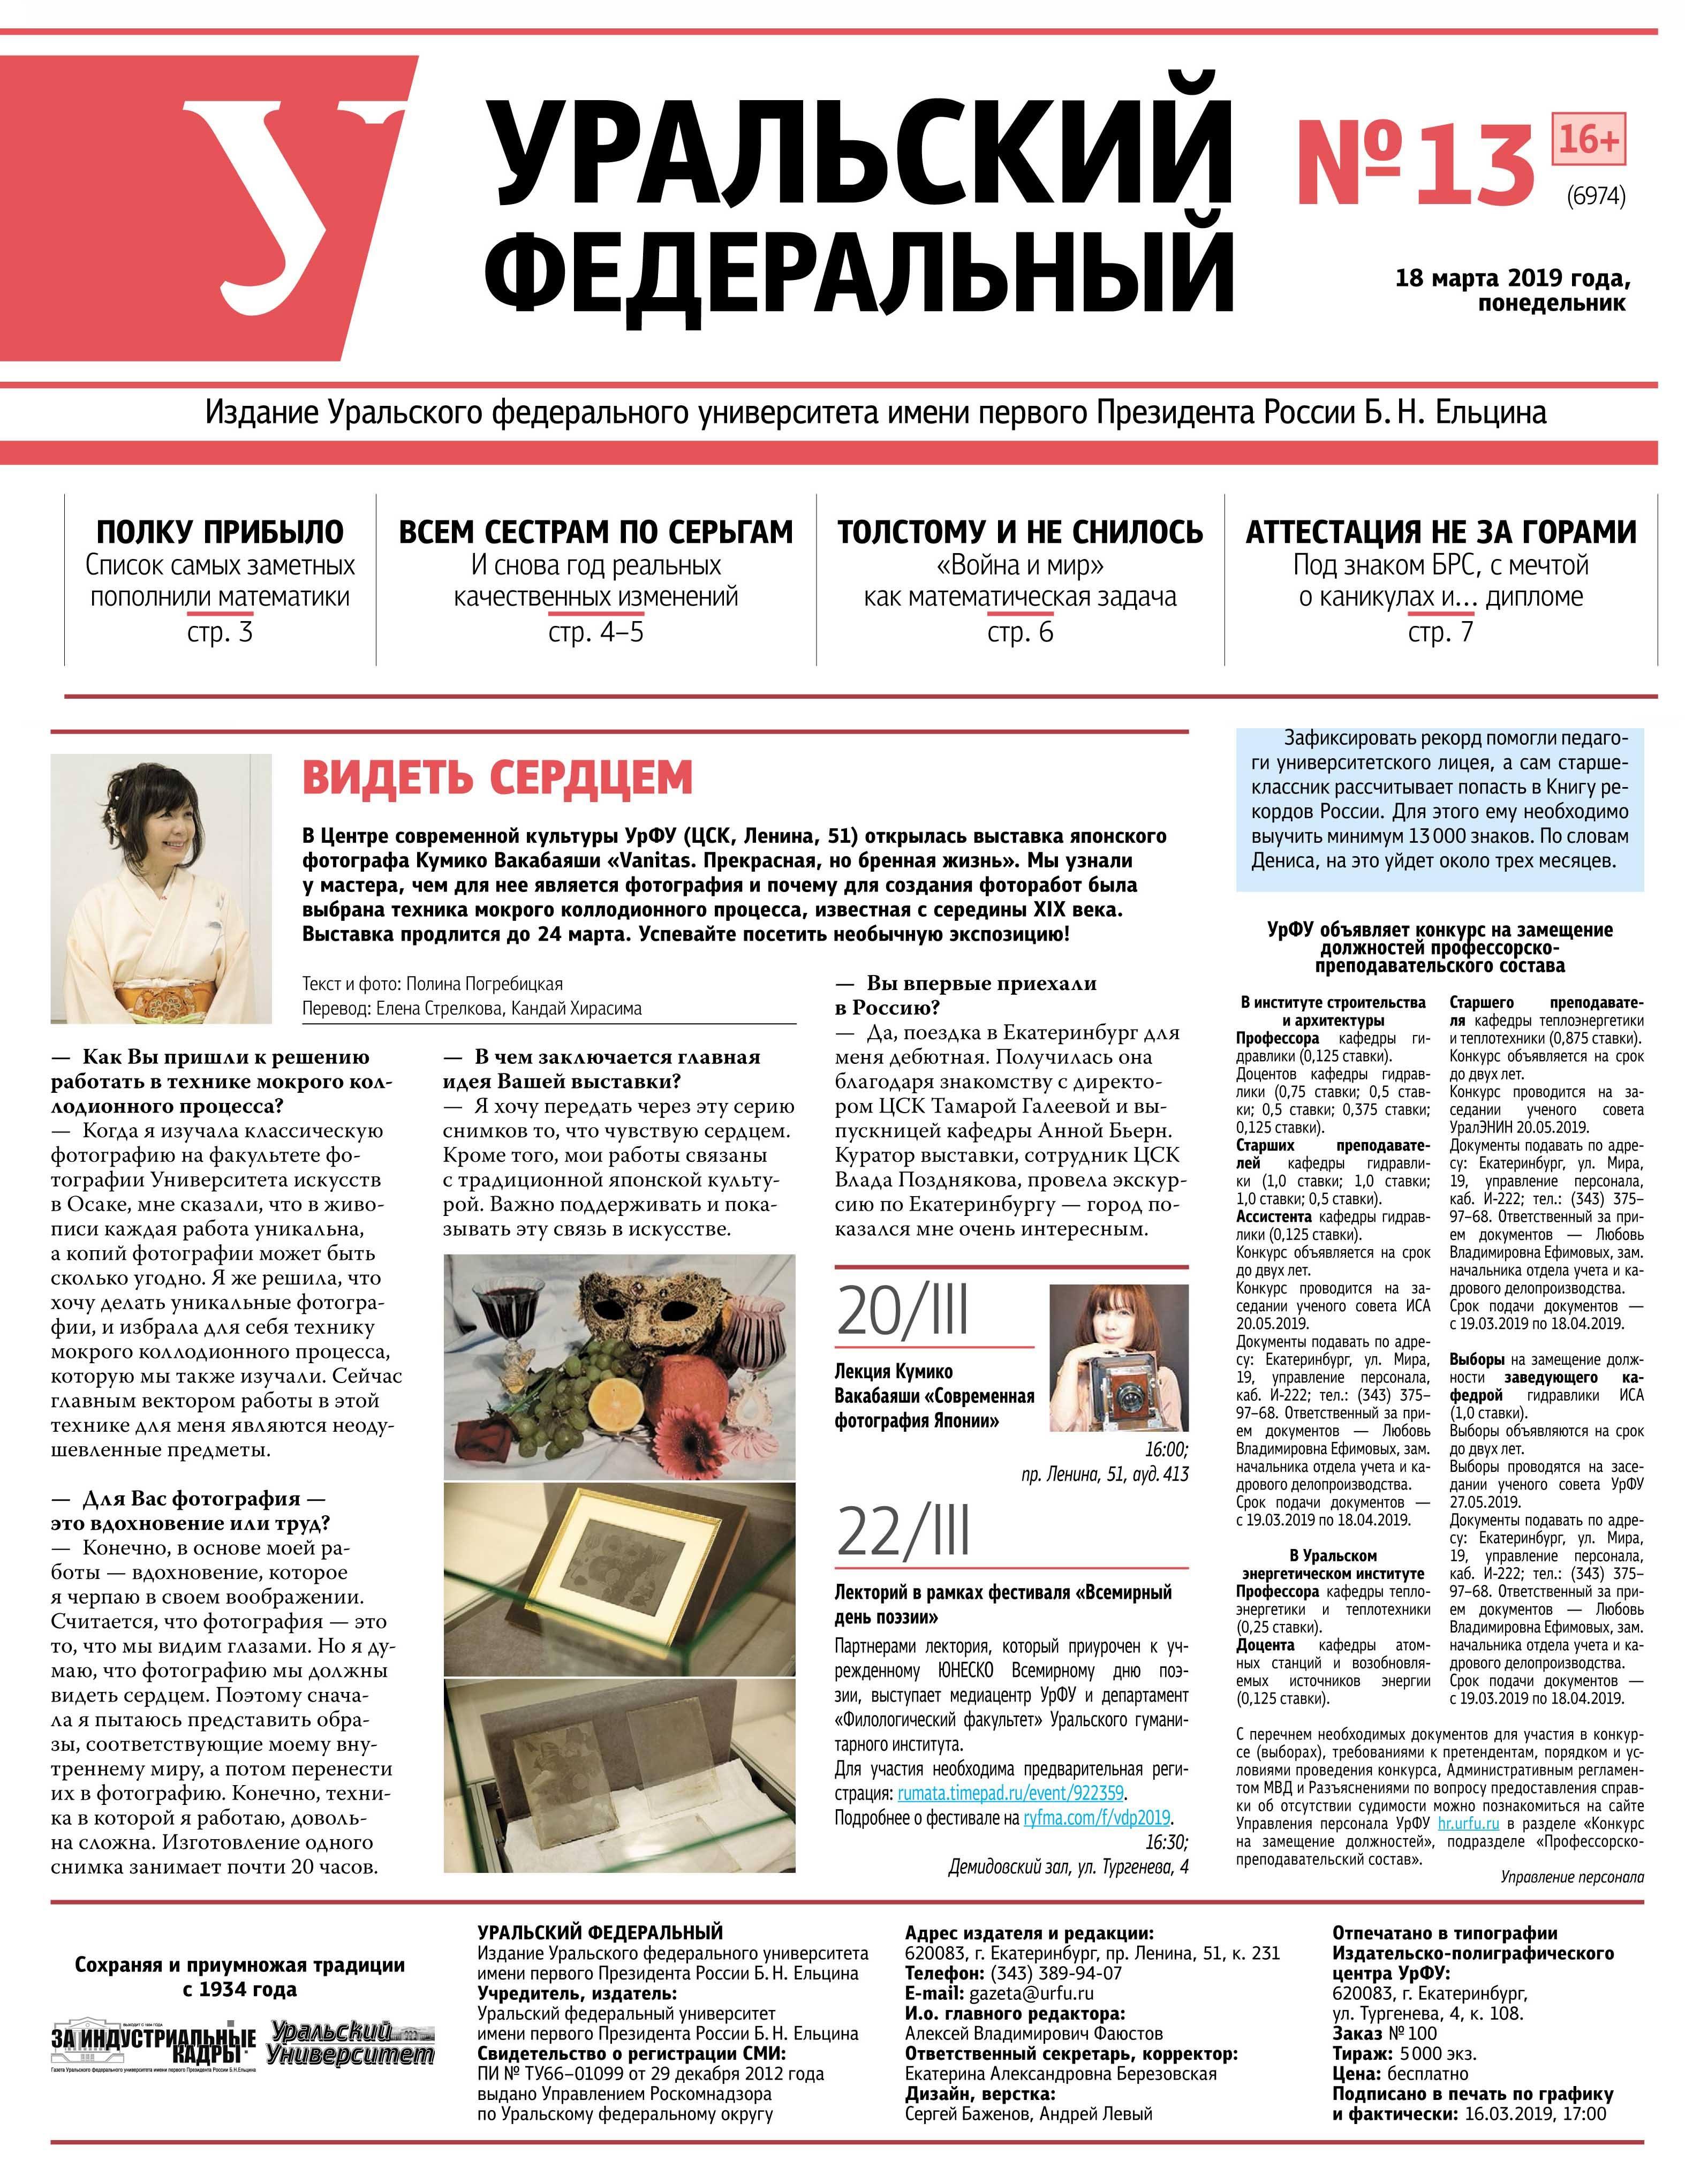 ロシアの新聞